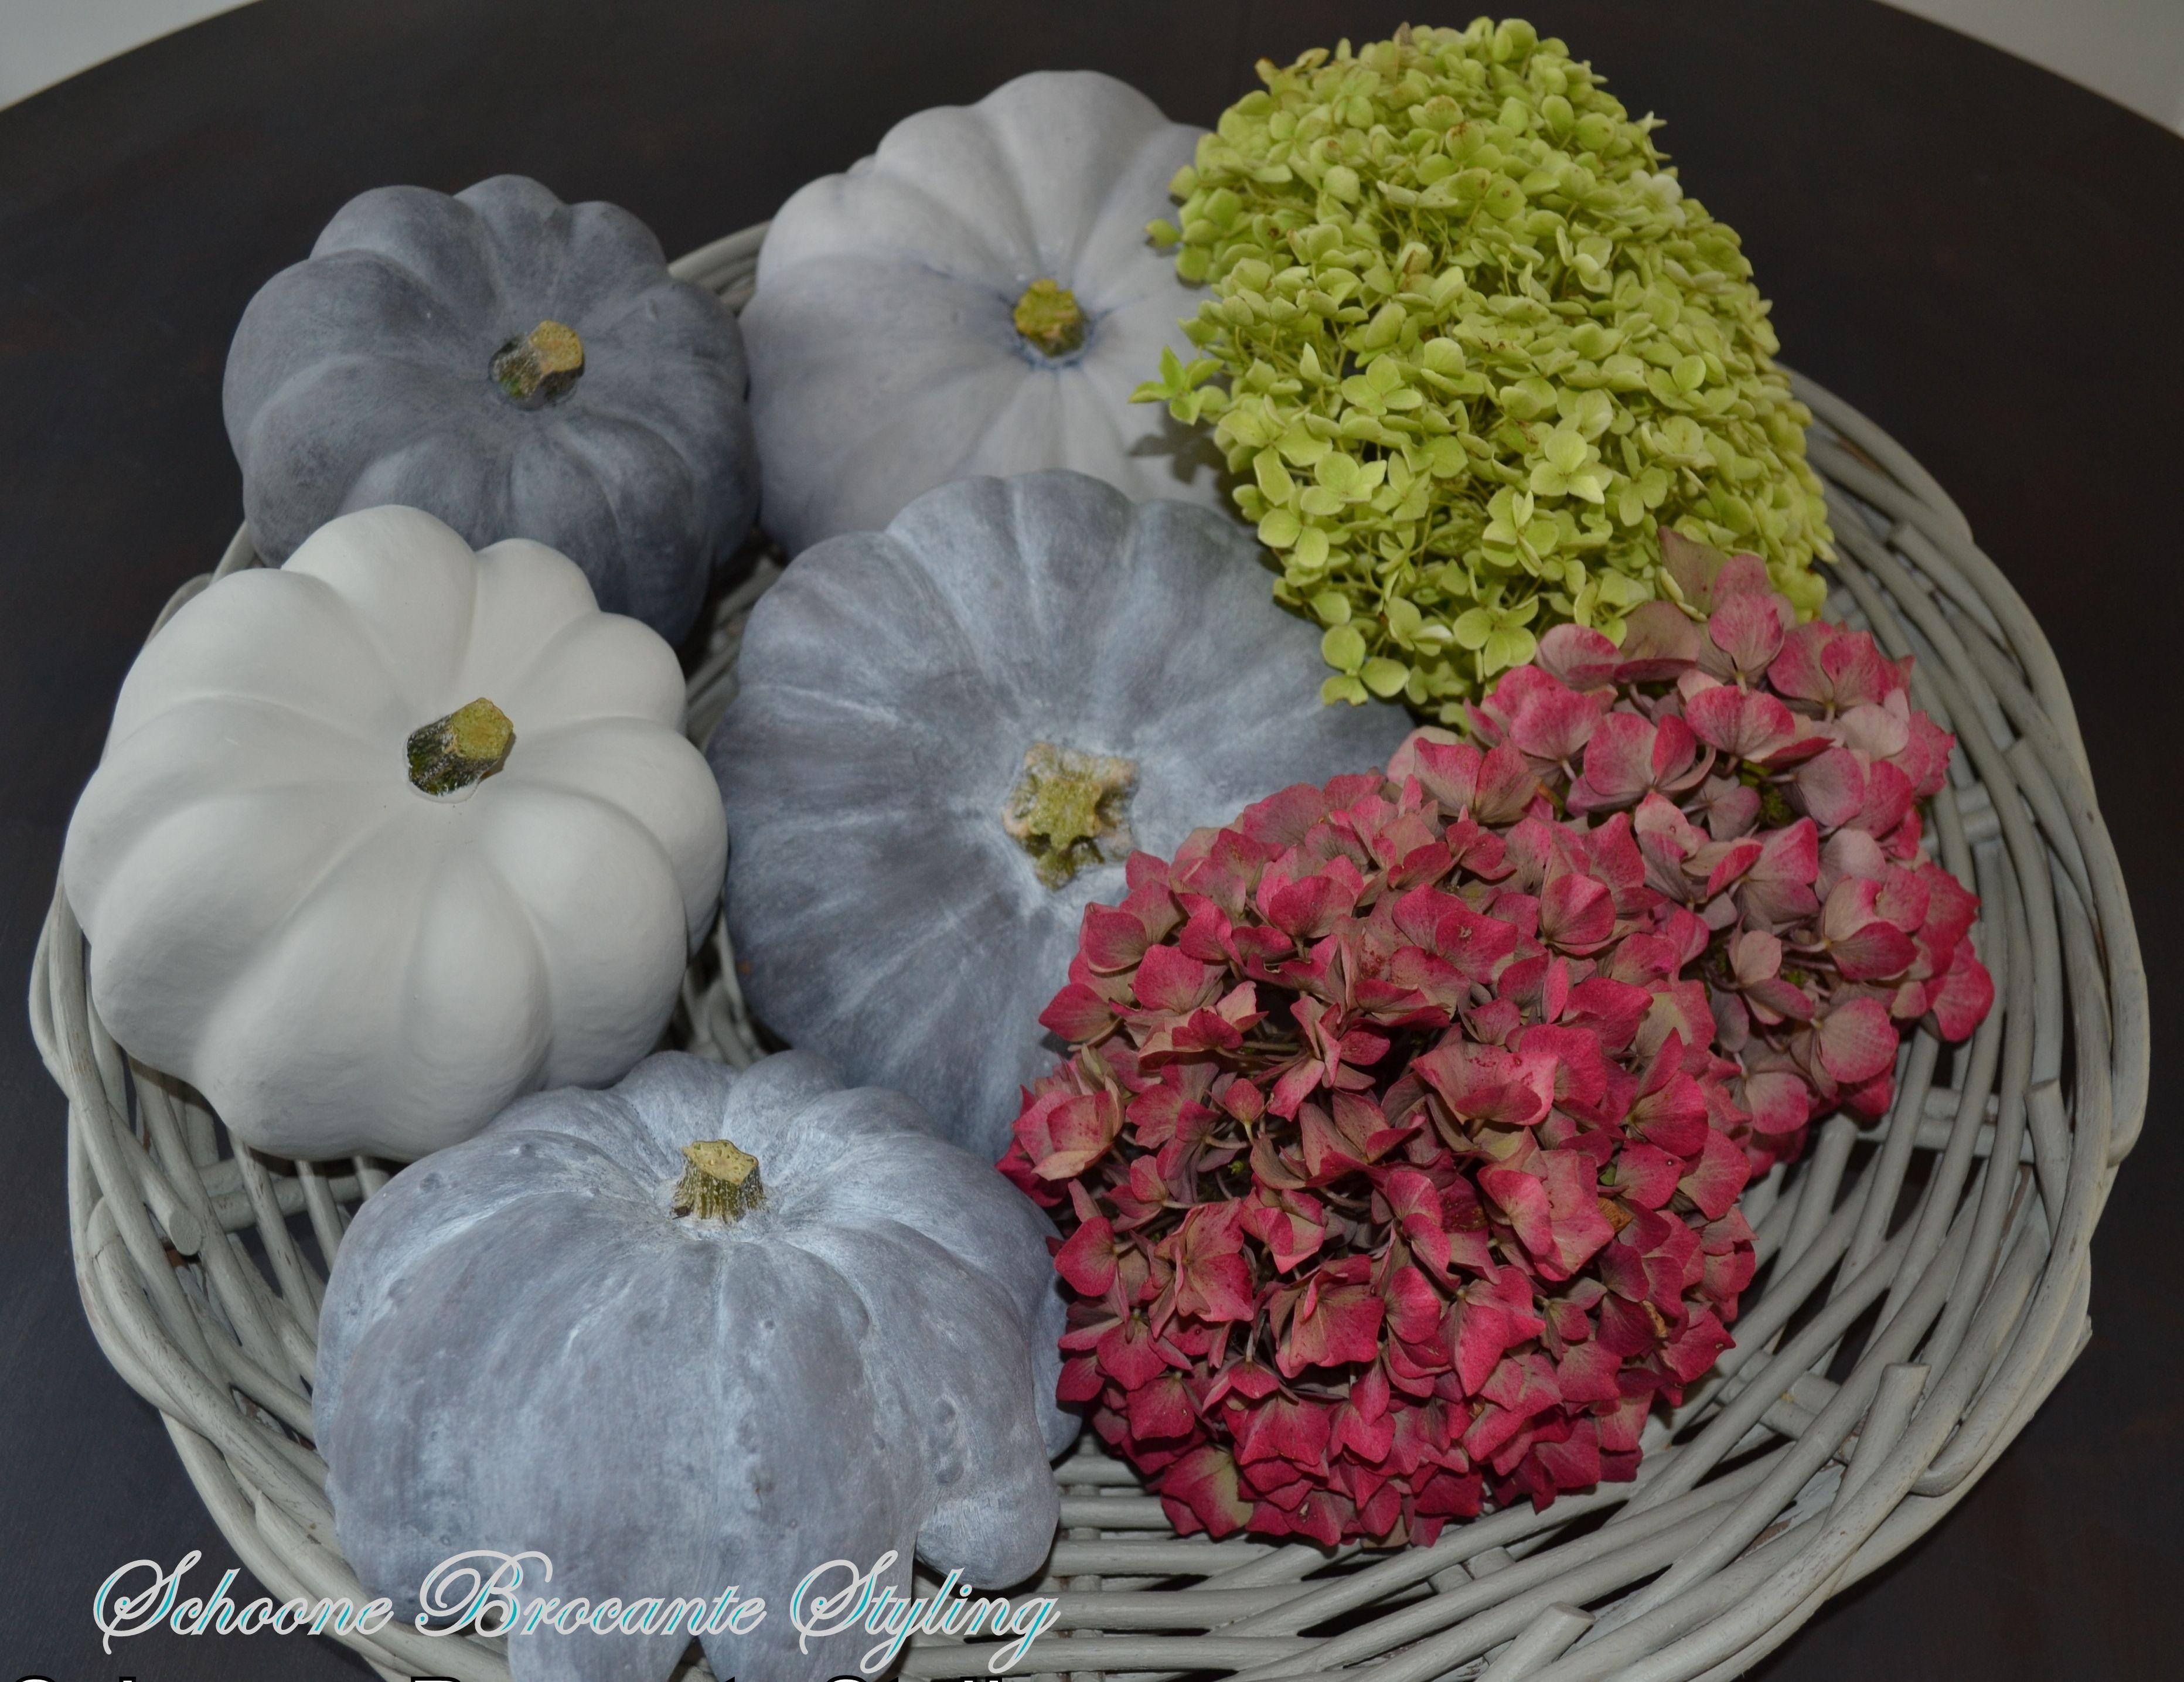 Pin by beata schoonegolla on bloemen bloembollen pinterest